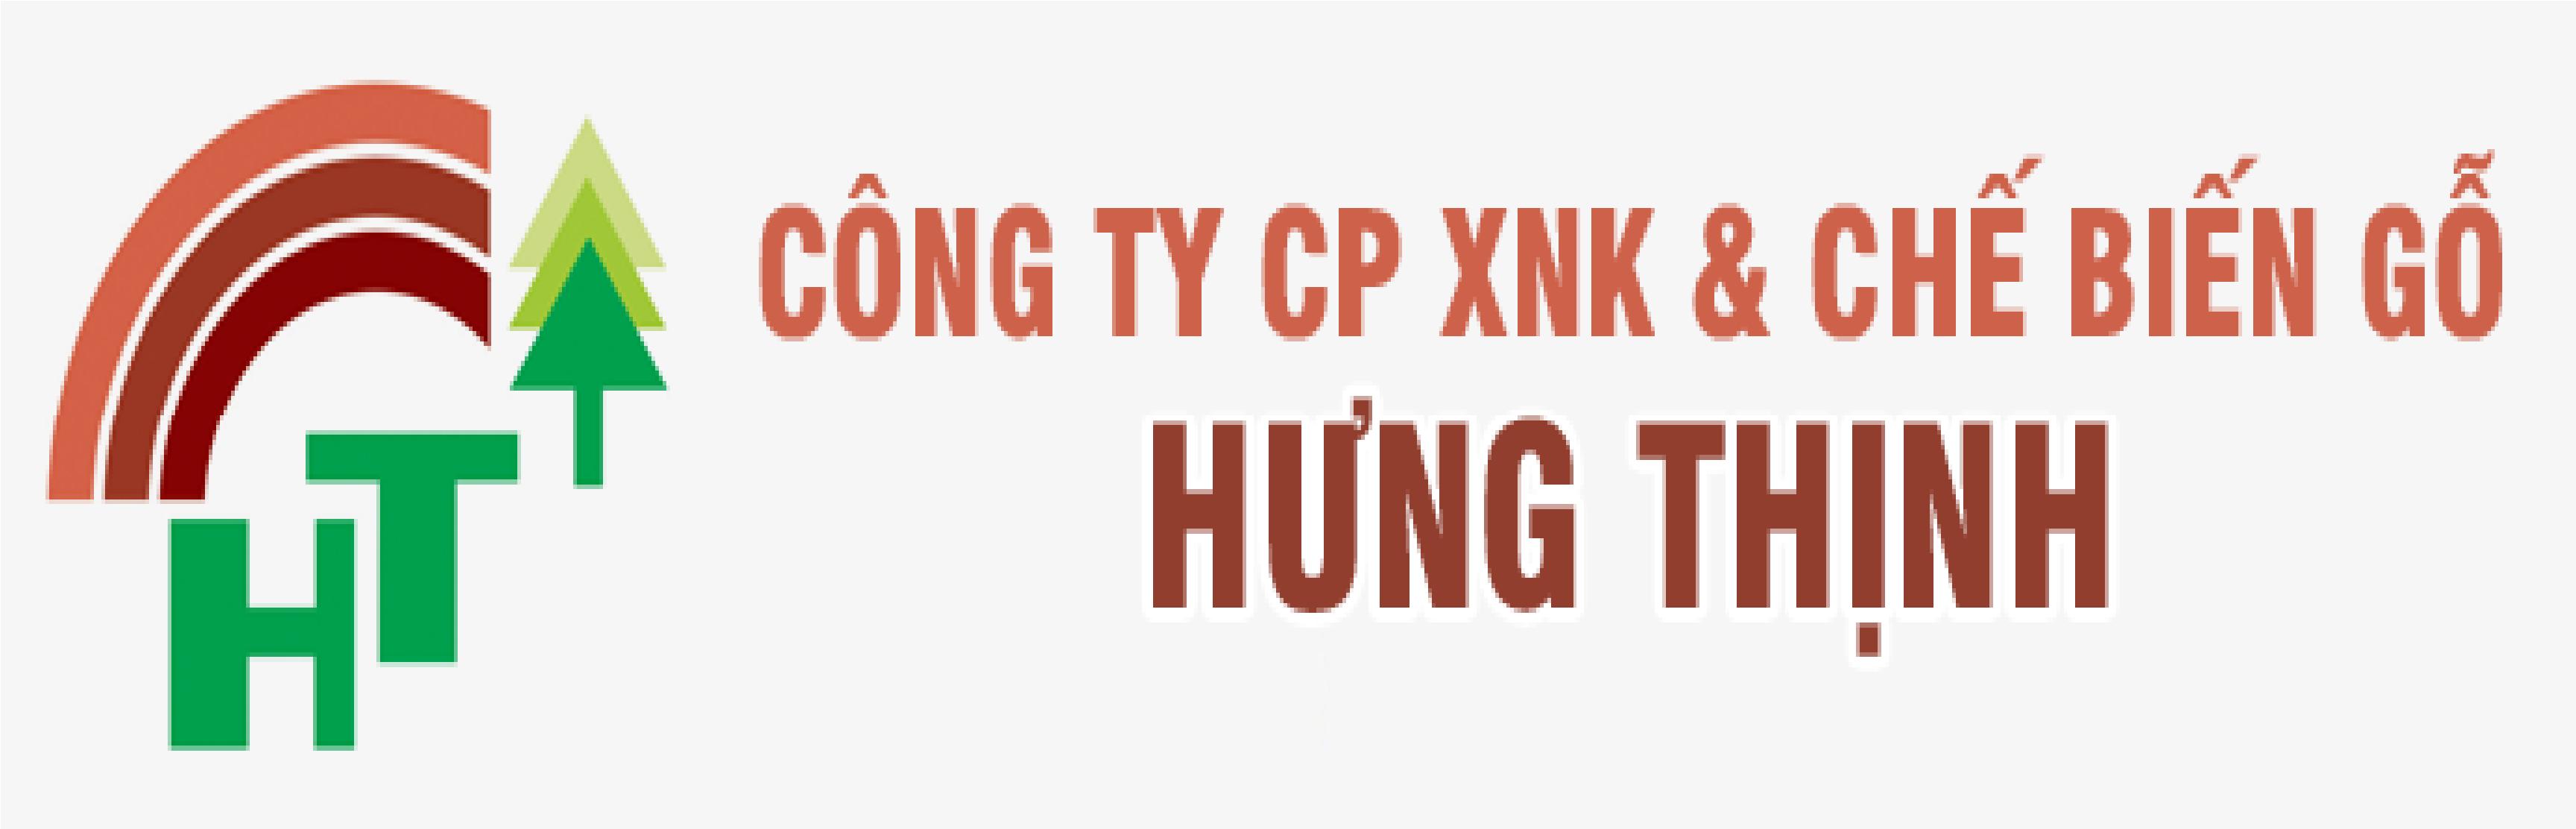 CÔNG TY CP XNK & CHẾ BIẾN GỖ HƯNG THỊNH